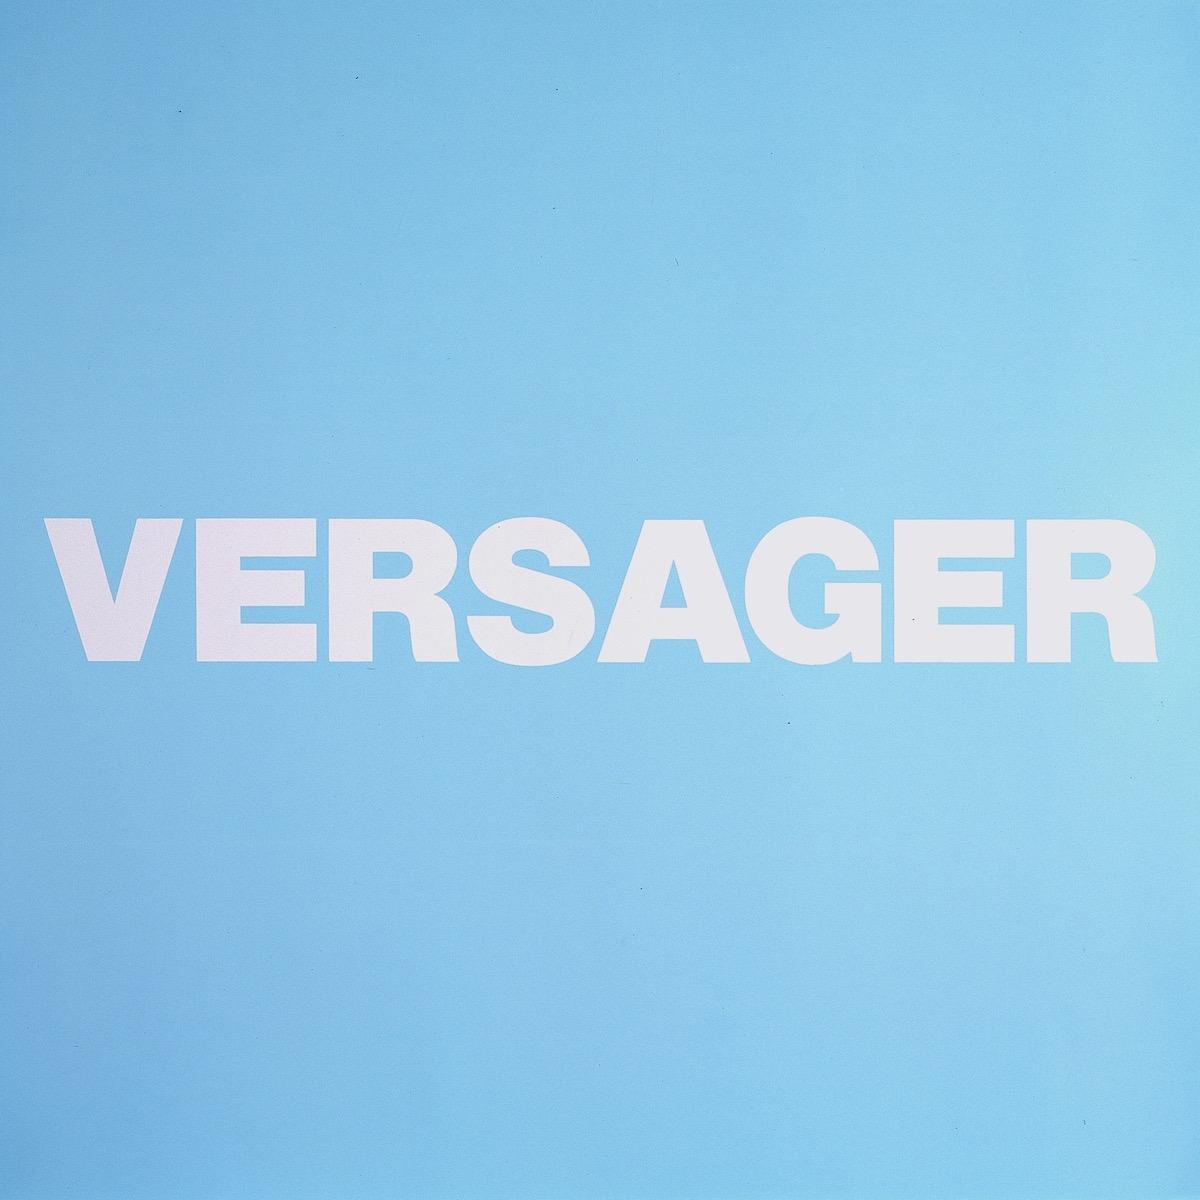 VERSAGER, BLAU | Affirmation tut gut | Angelika Beuler | 1992